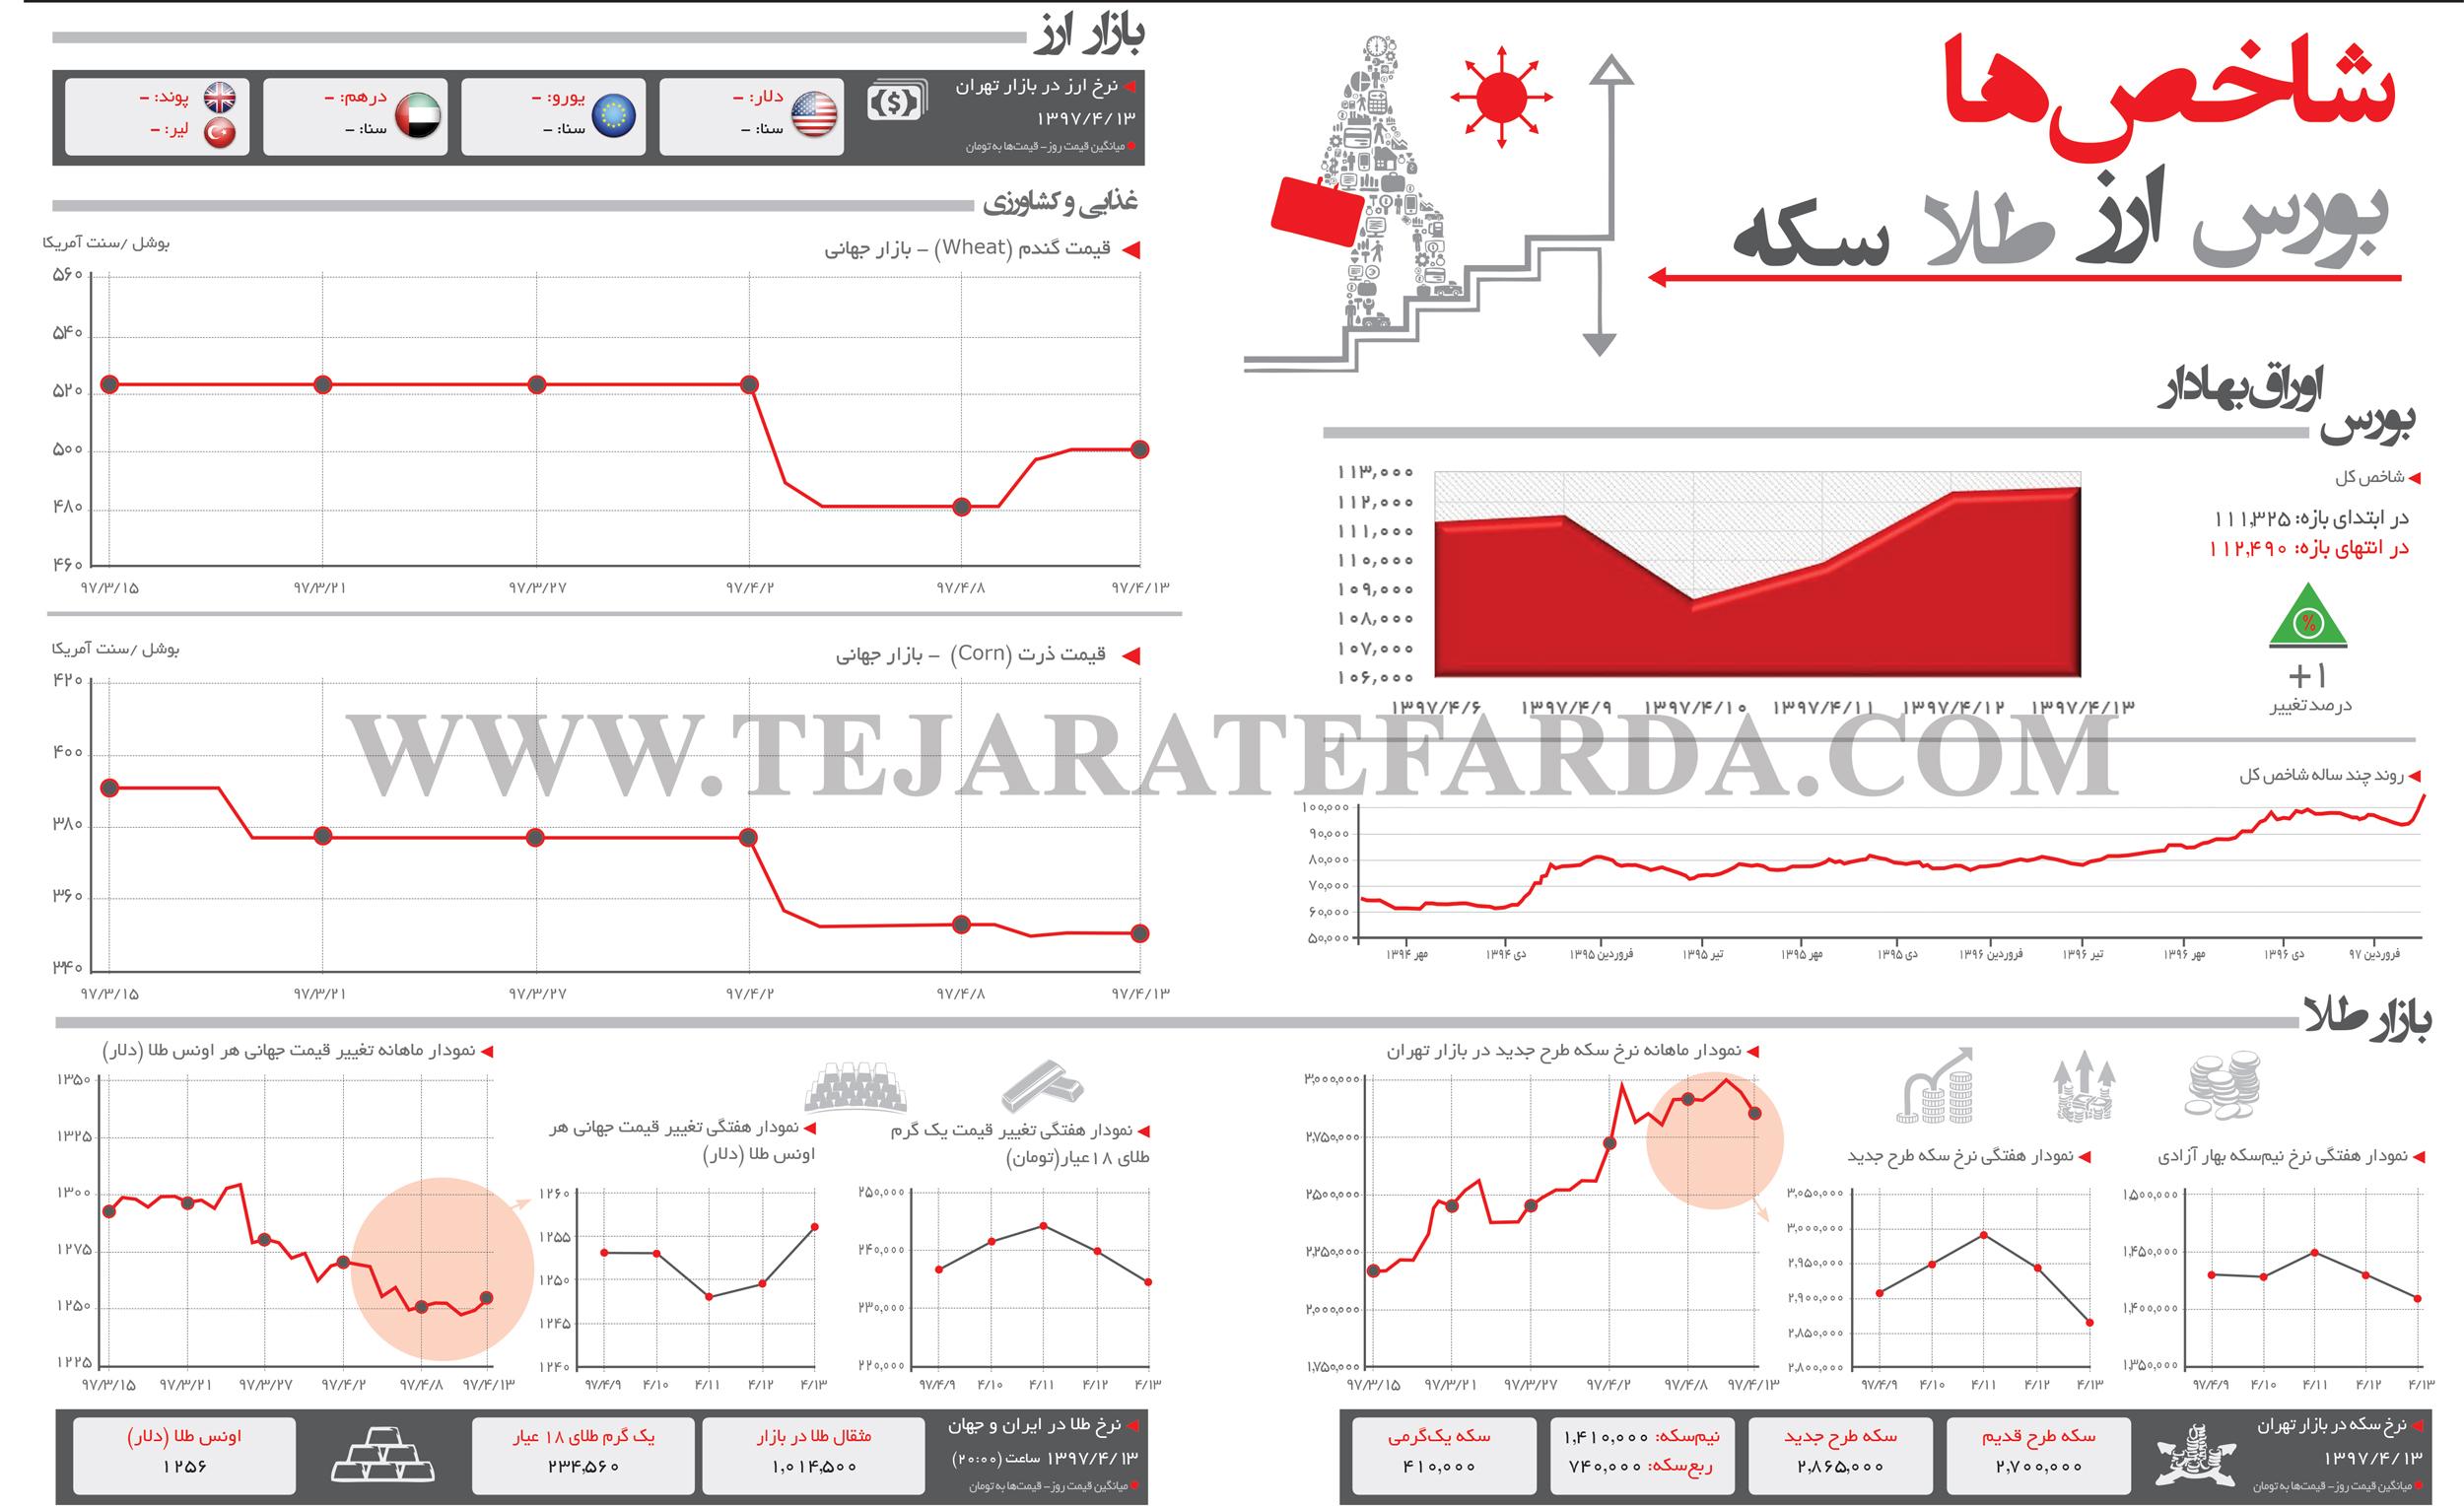 تجارت فردا- اینفوگرافیک- شاخصهای اقتصادی (275)